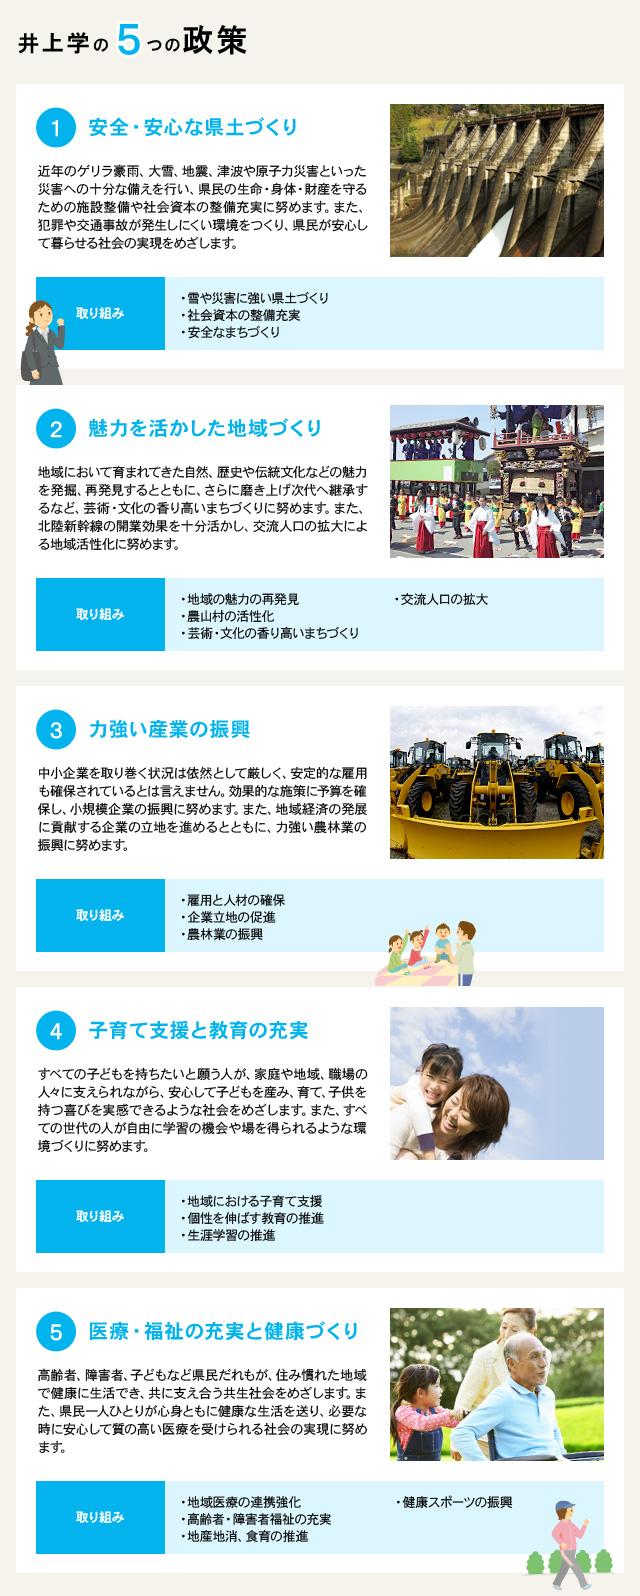 井上学の5つの政策